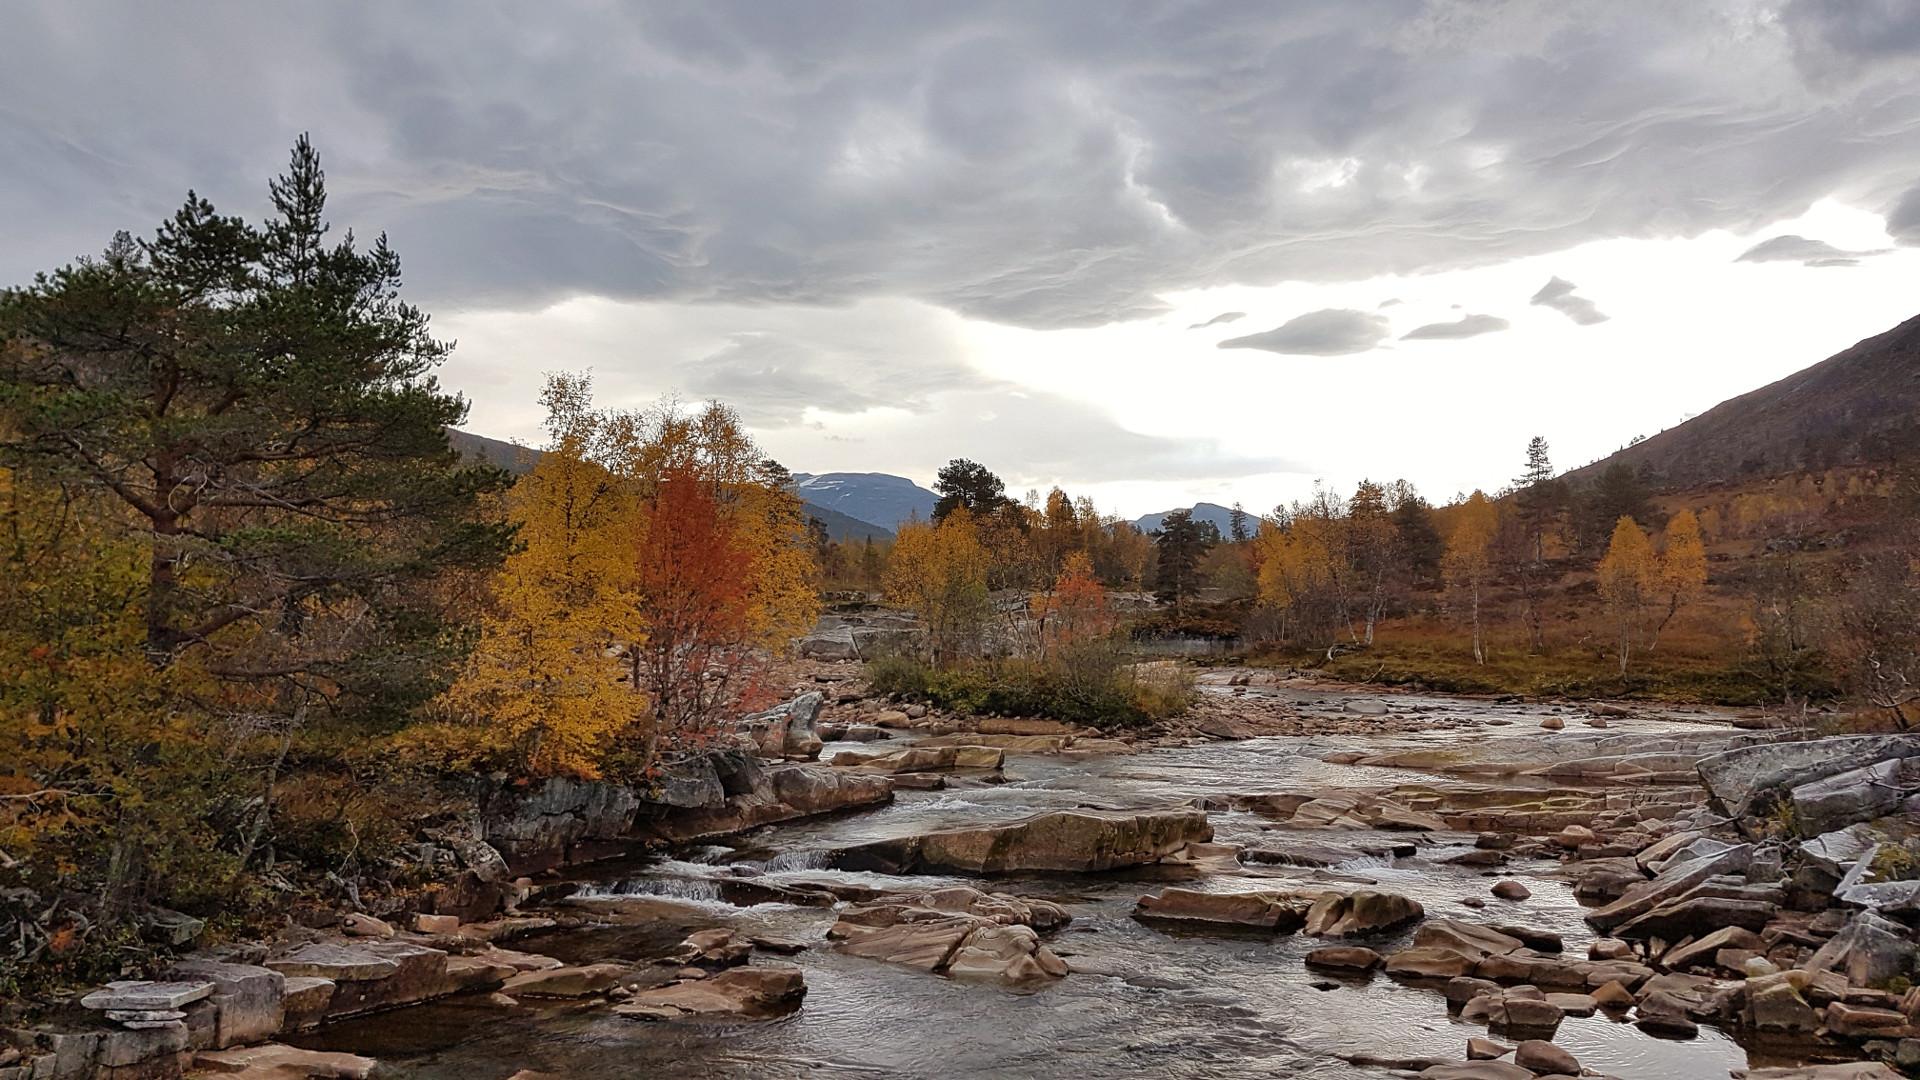 Høstbilde innover Vindøldalen - dalen i mitt hjerte, 30. september 2017. Fotograf: Kari Mette Skjølsvold